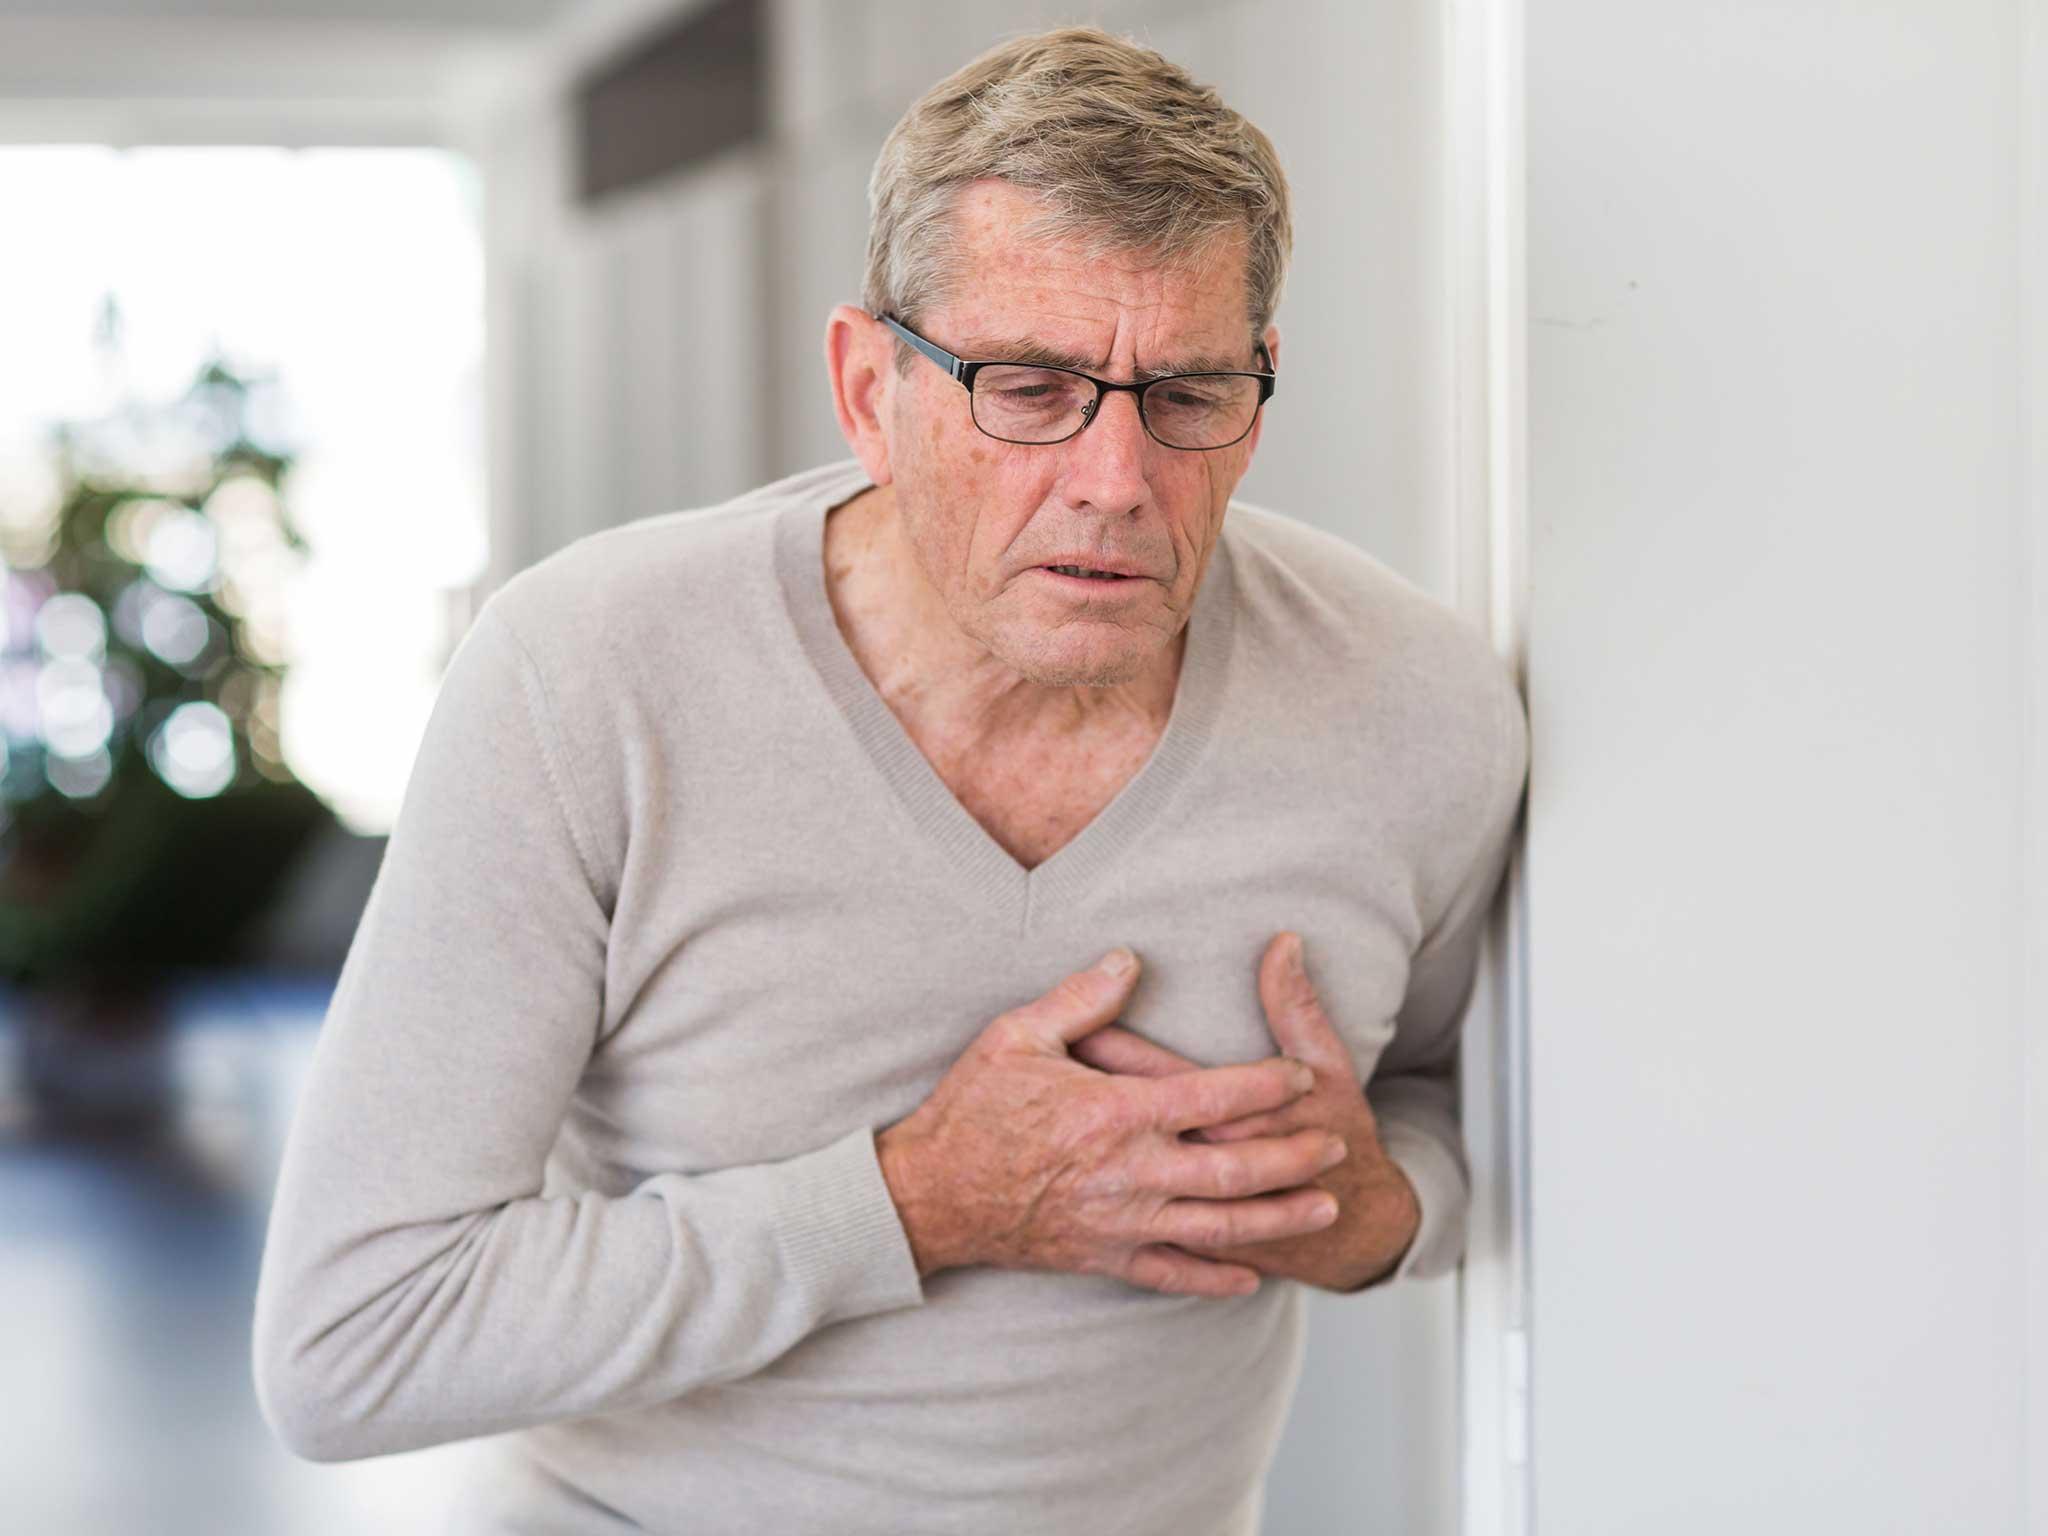 بالصور اعراض الذبحة الصدرية , اسباب وعلاج الذبحه الصدريه 3282 1